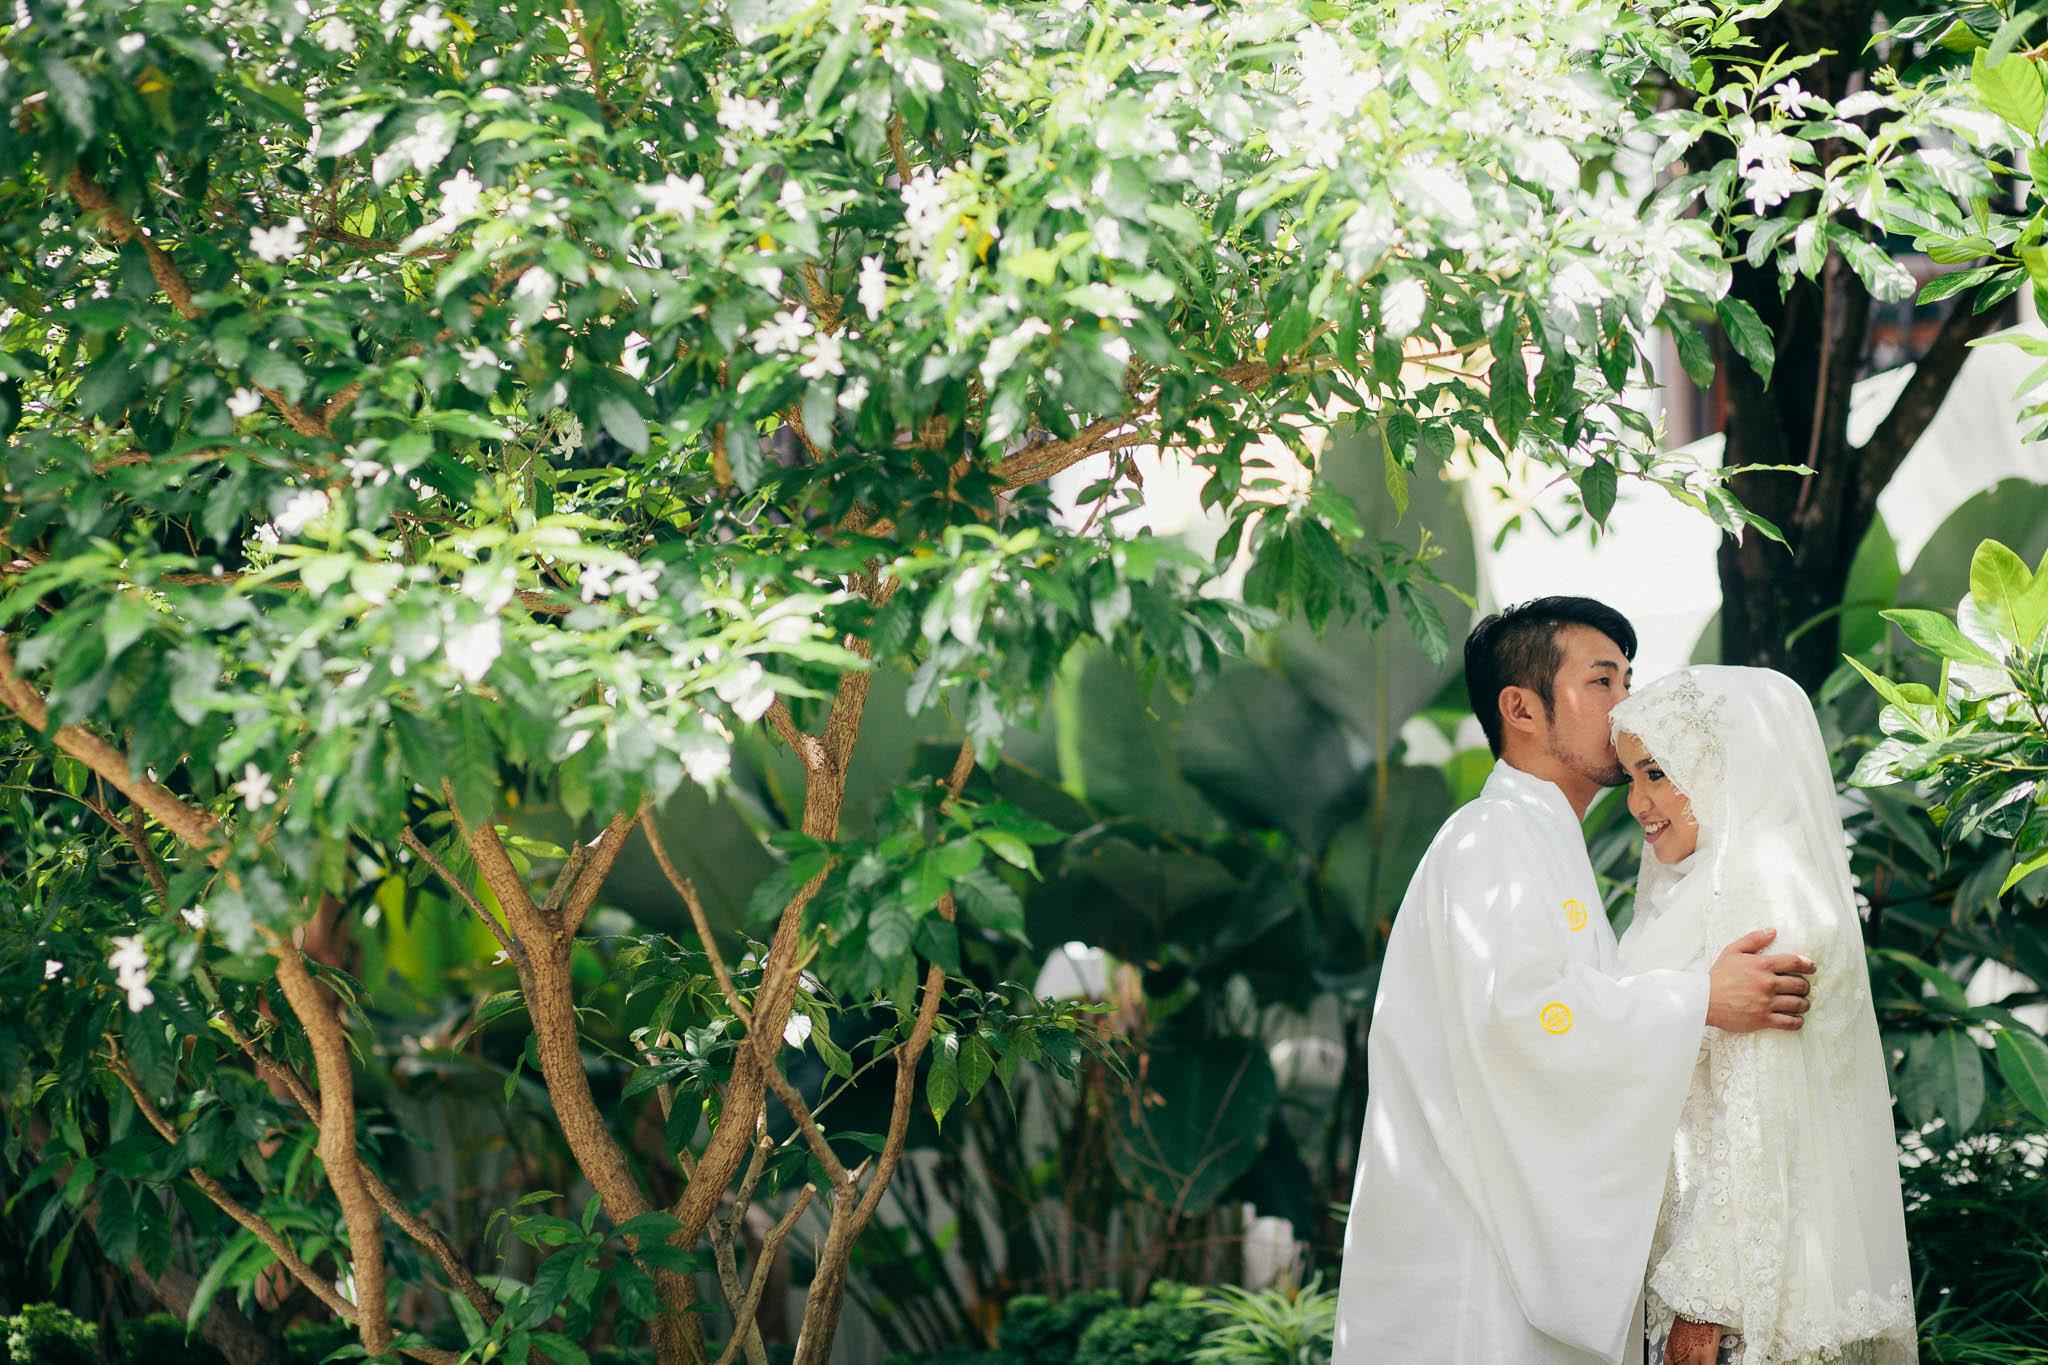 singapore-wedding-photographer-travel-wemadethese-atara-hafizah-30.jpg